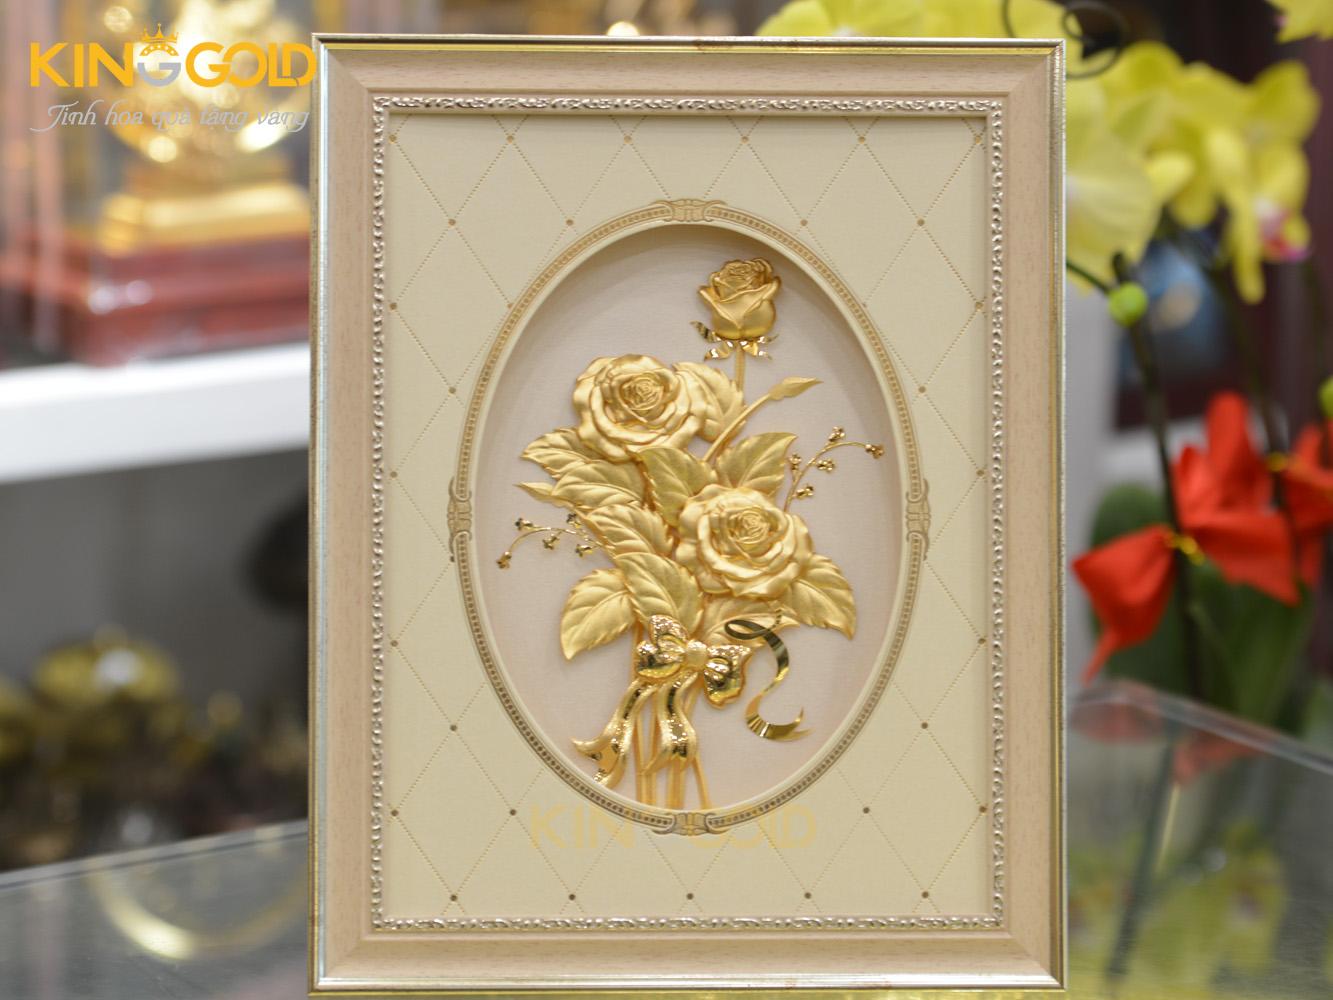 Tranh hoa hồng vàng lá 24k quà tặng ý nghĩa